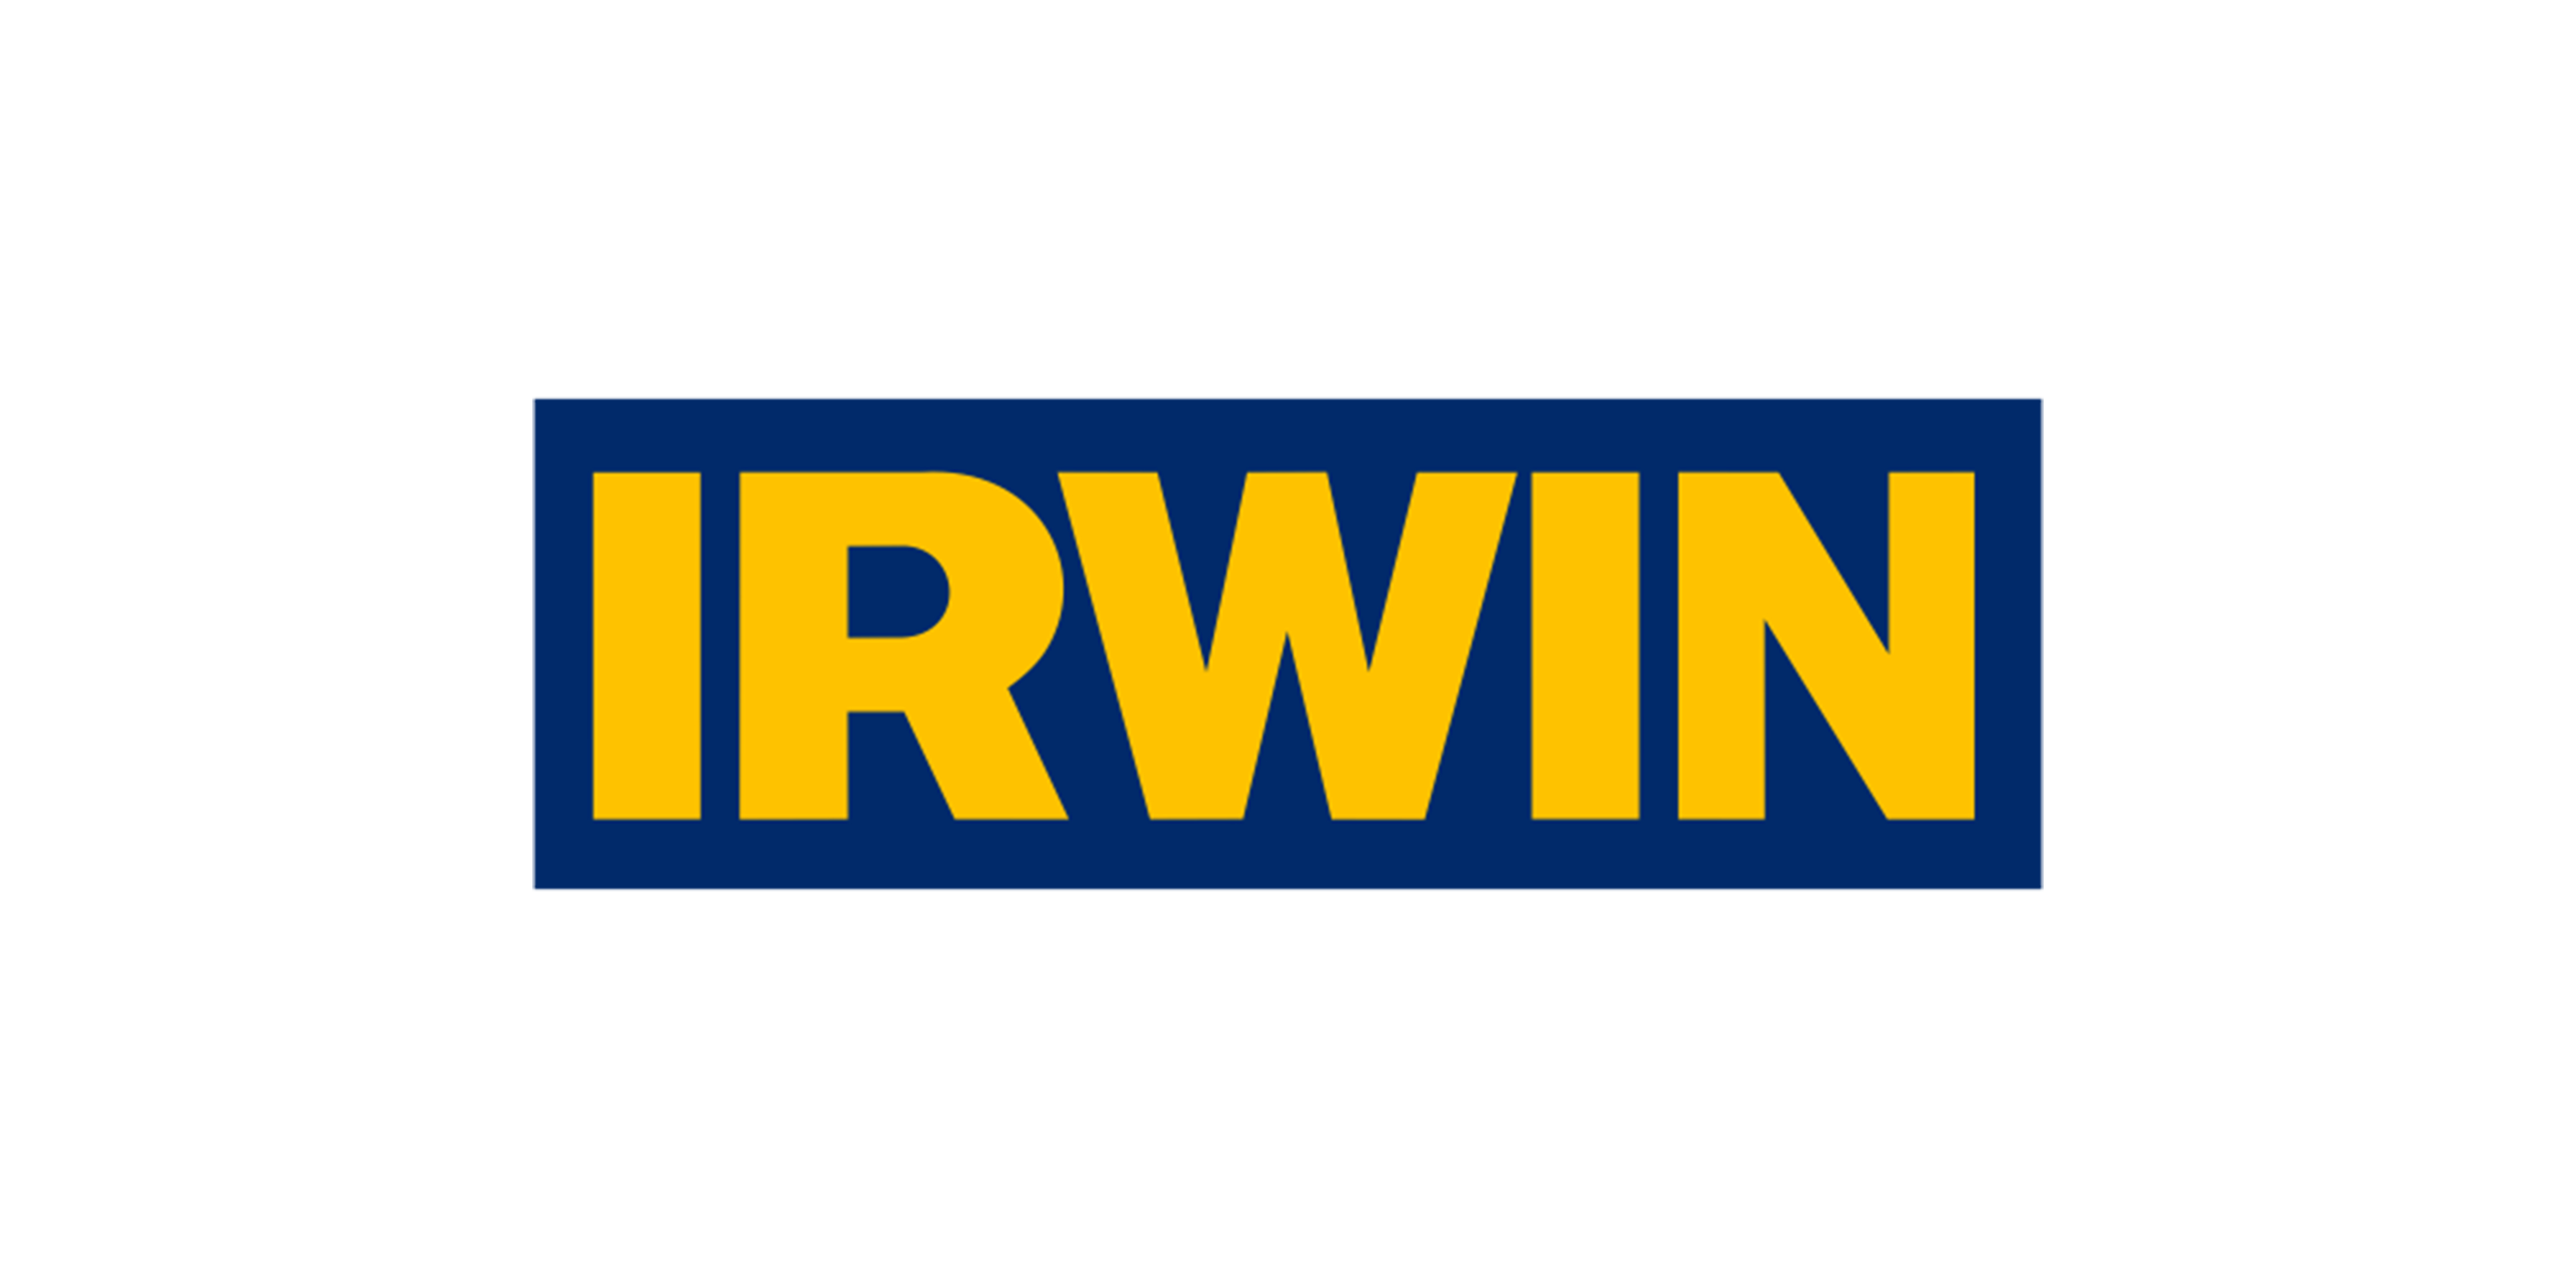 Irwin en Ser Viso Mex